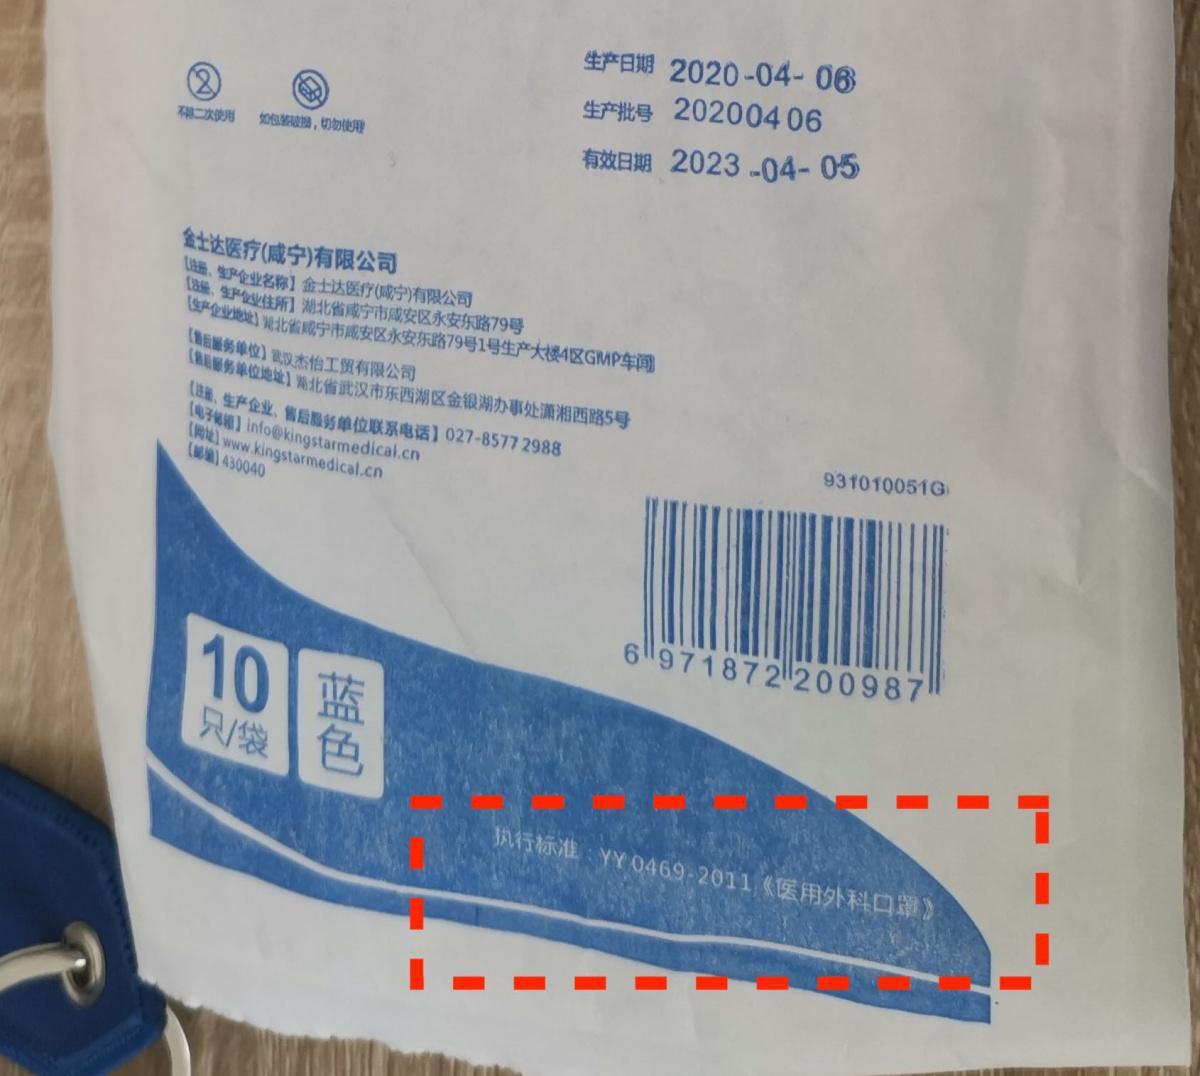 Les masques distribués sont-ils aux normes CE ?